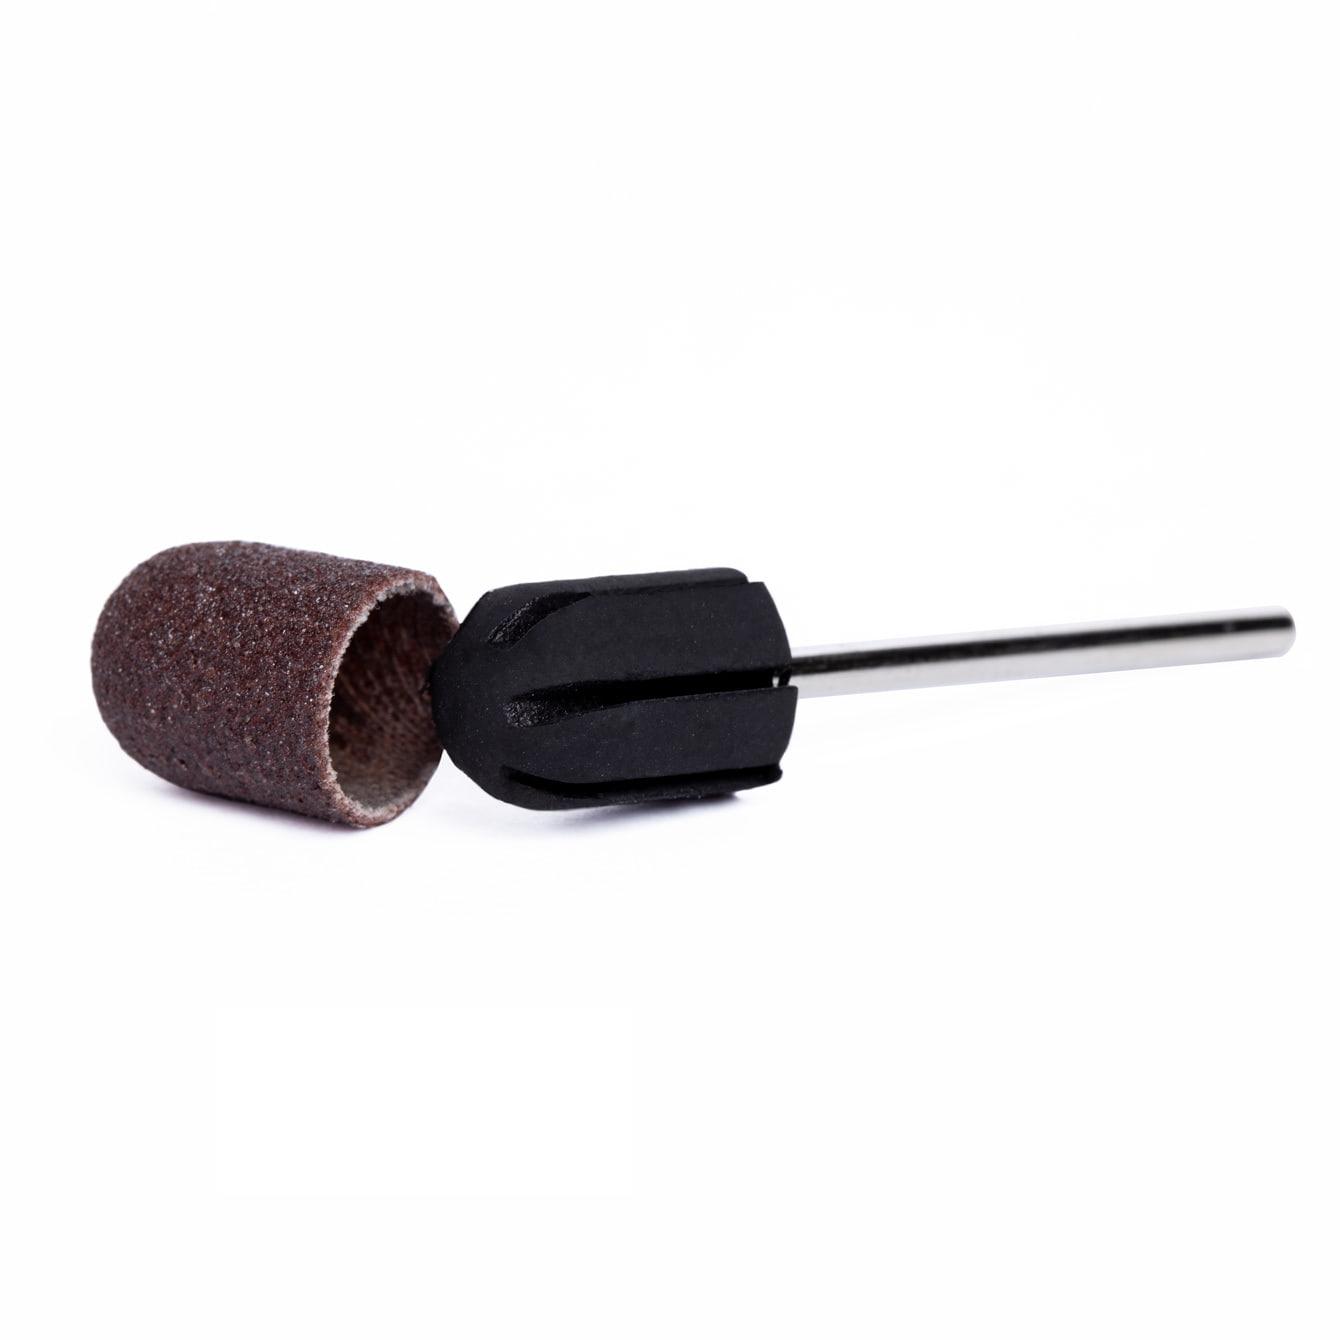 Trzpień 16 mm - nośnik gumowy do pedicure